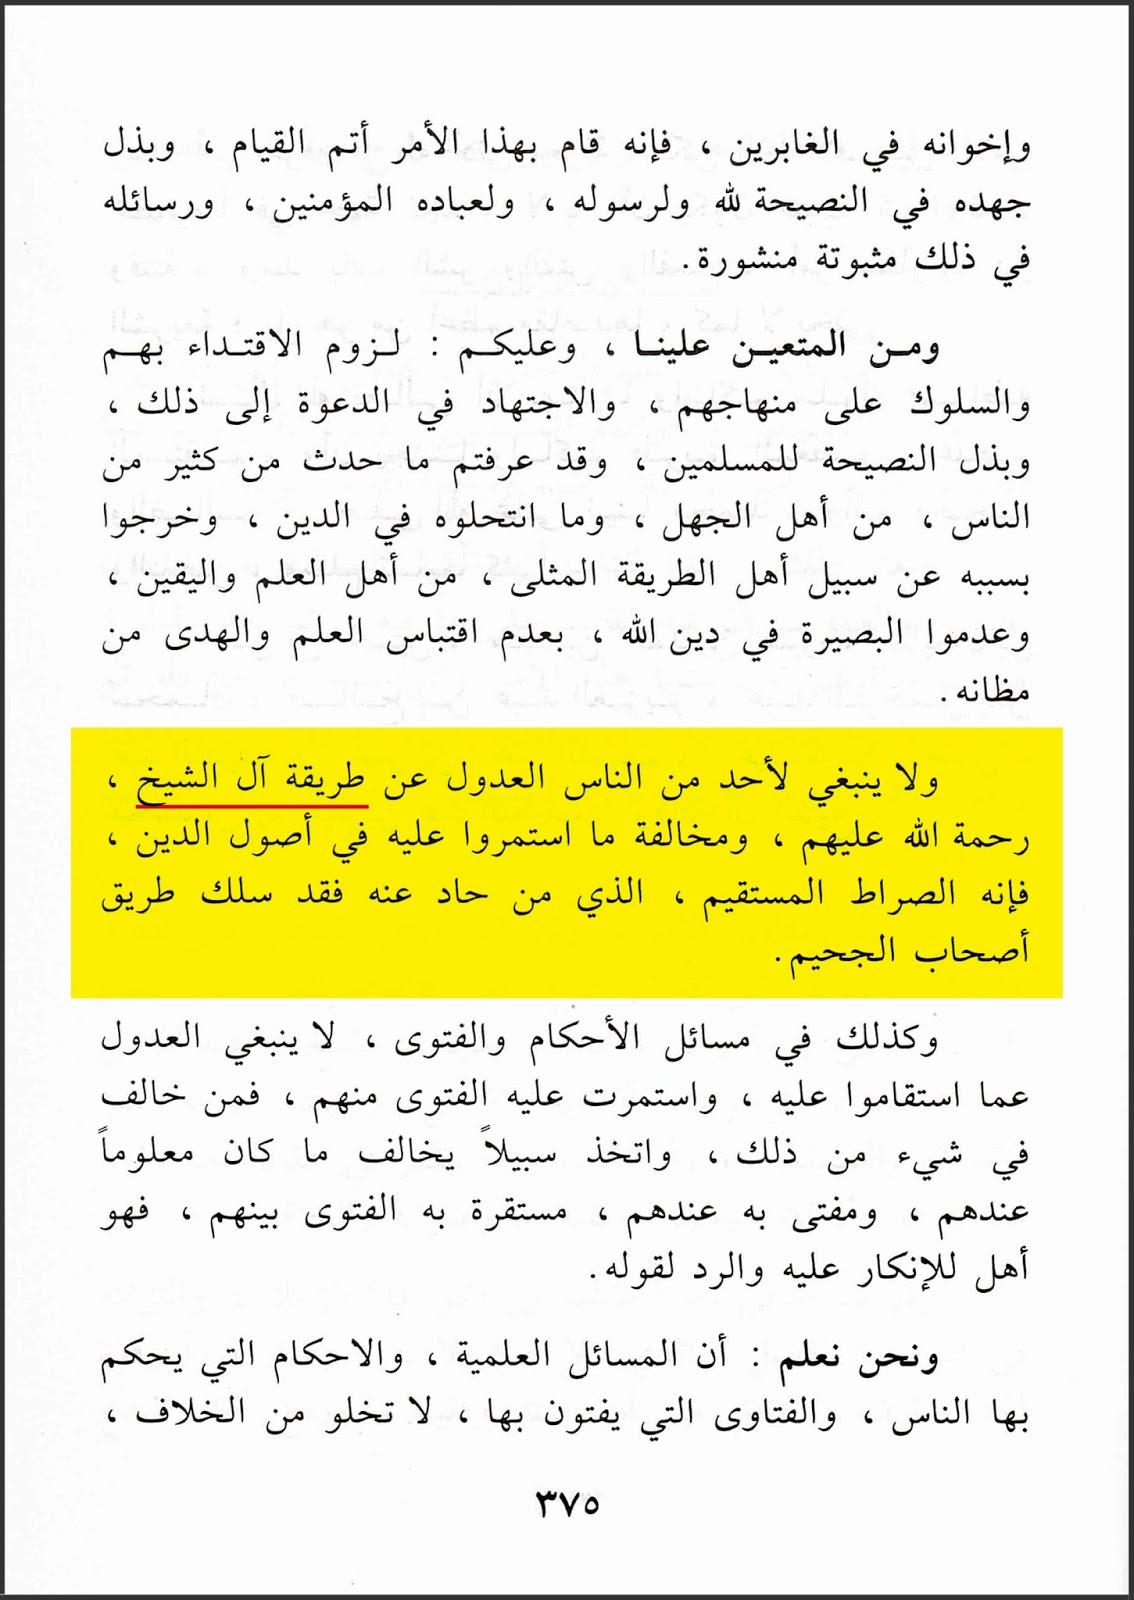 آل شیخ 1.jpg